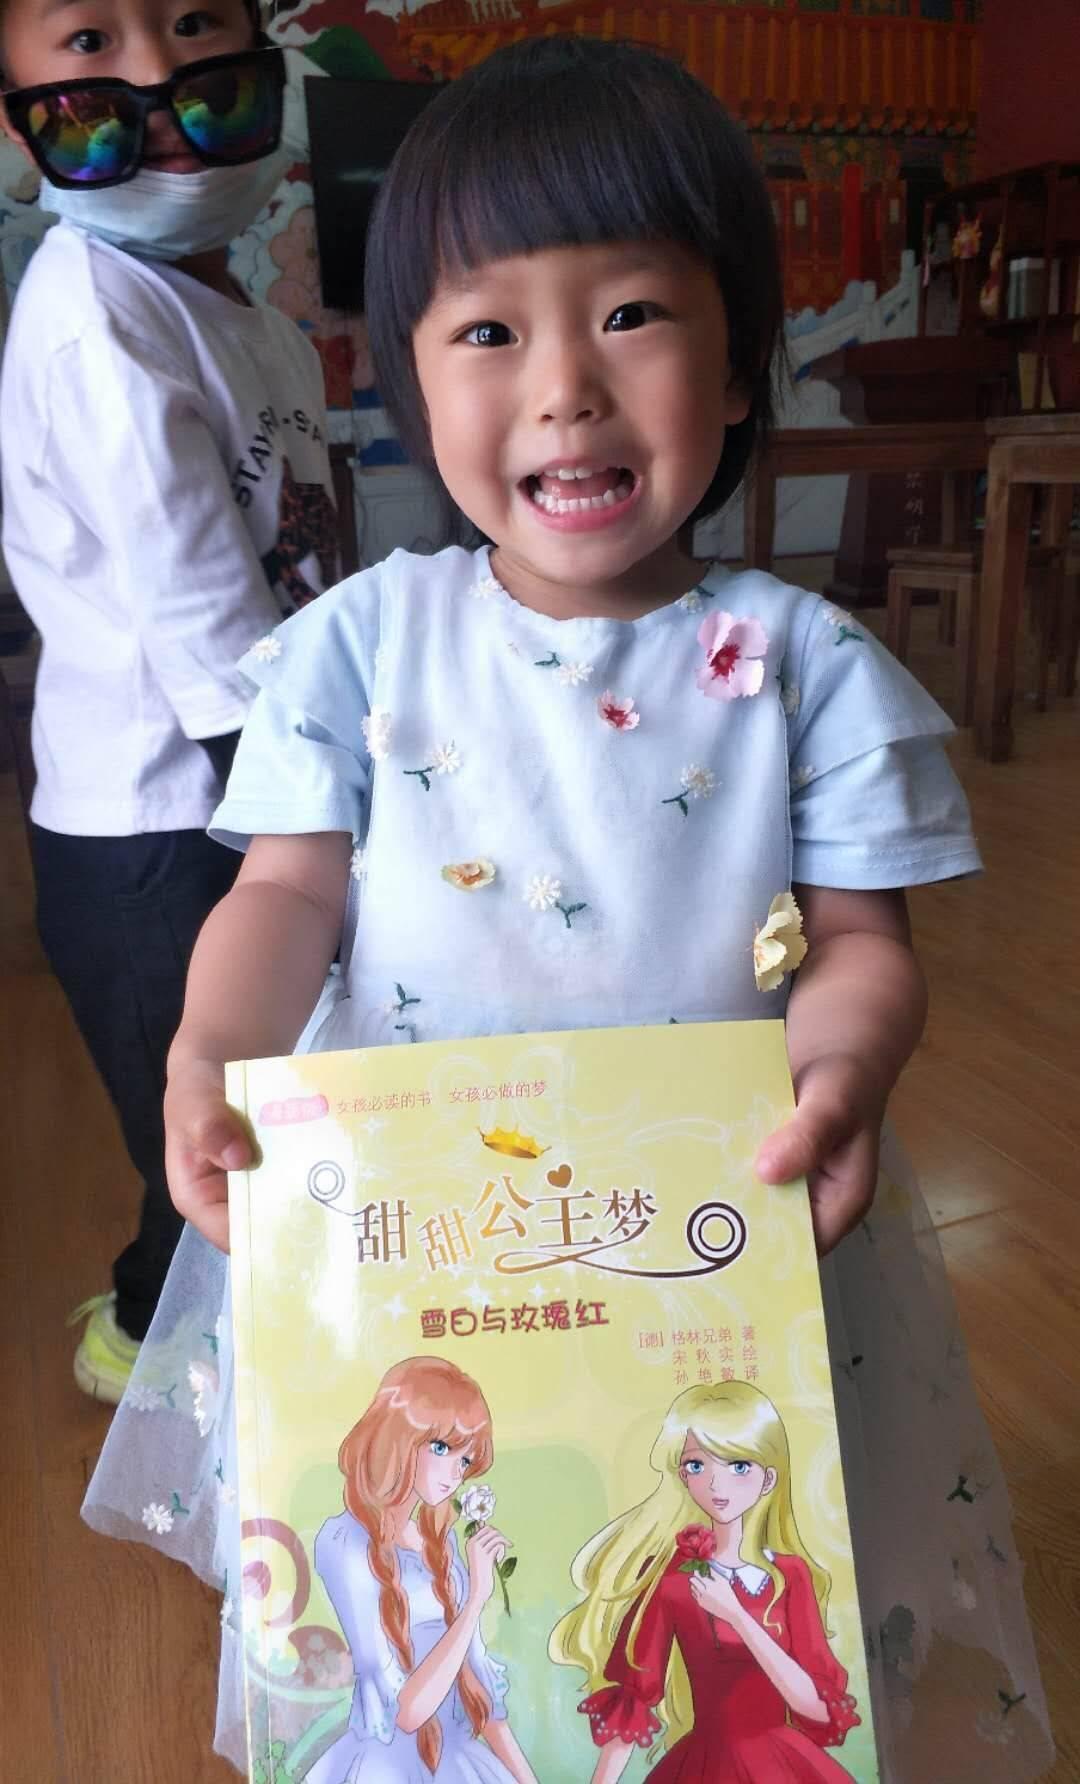 放下手机 全民阅读――北京市希望公益基金会